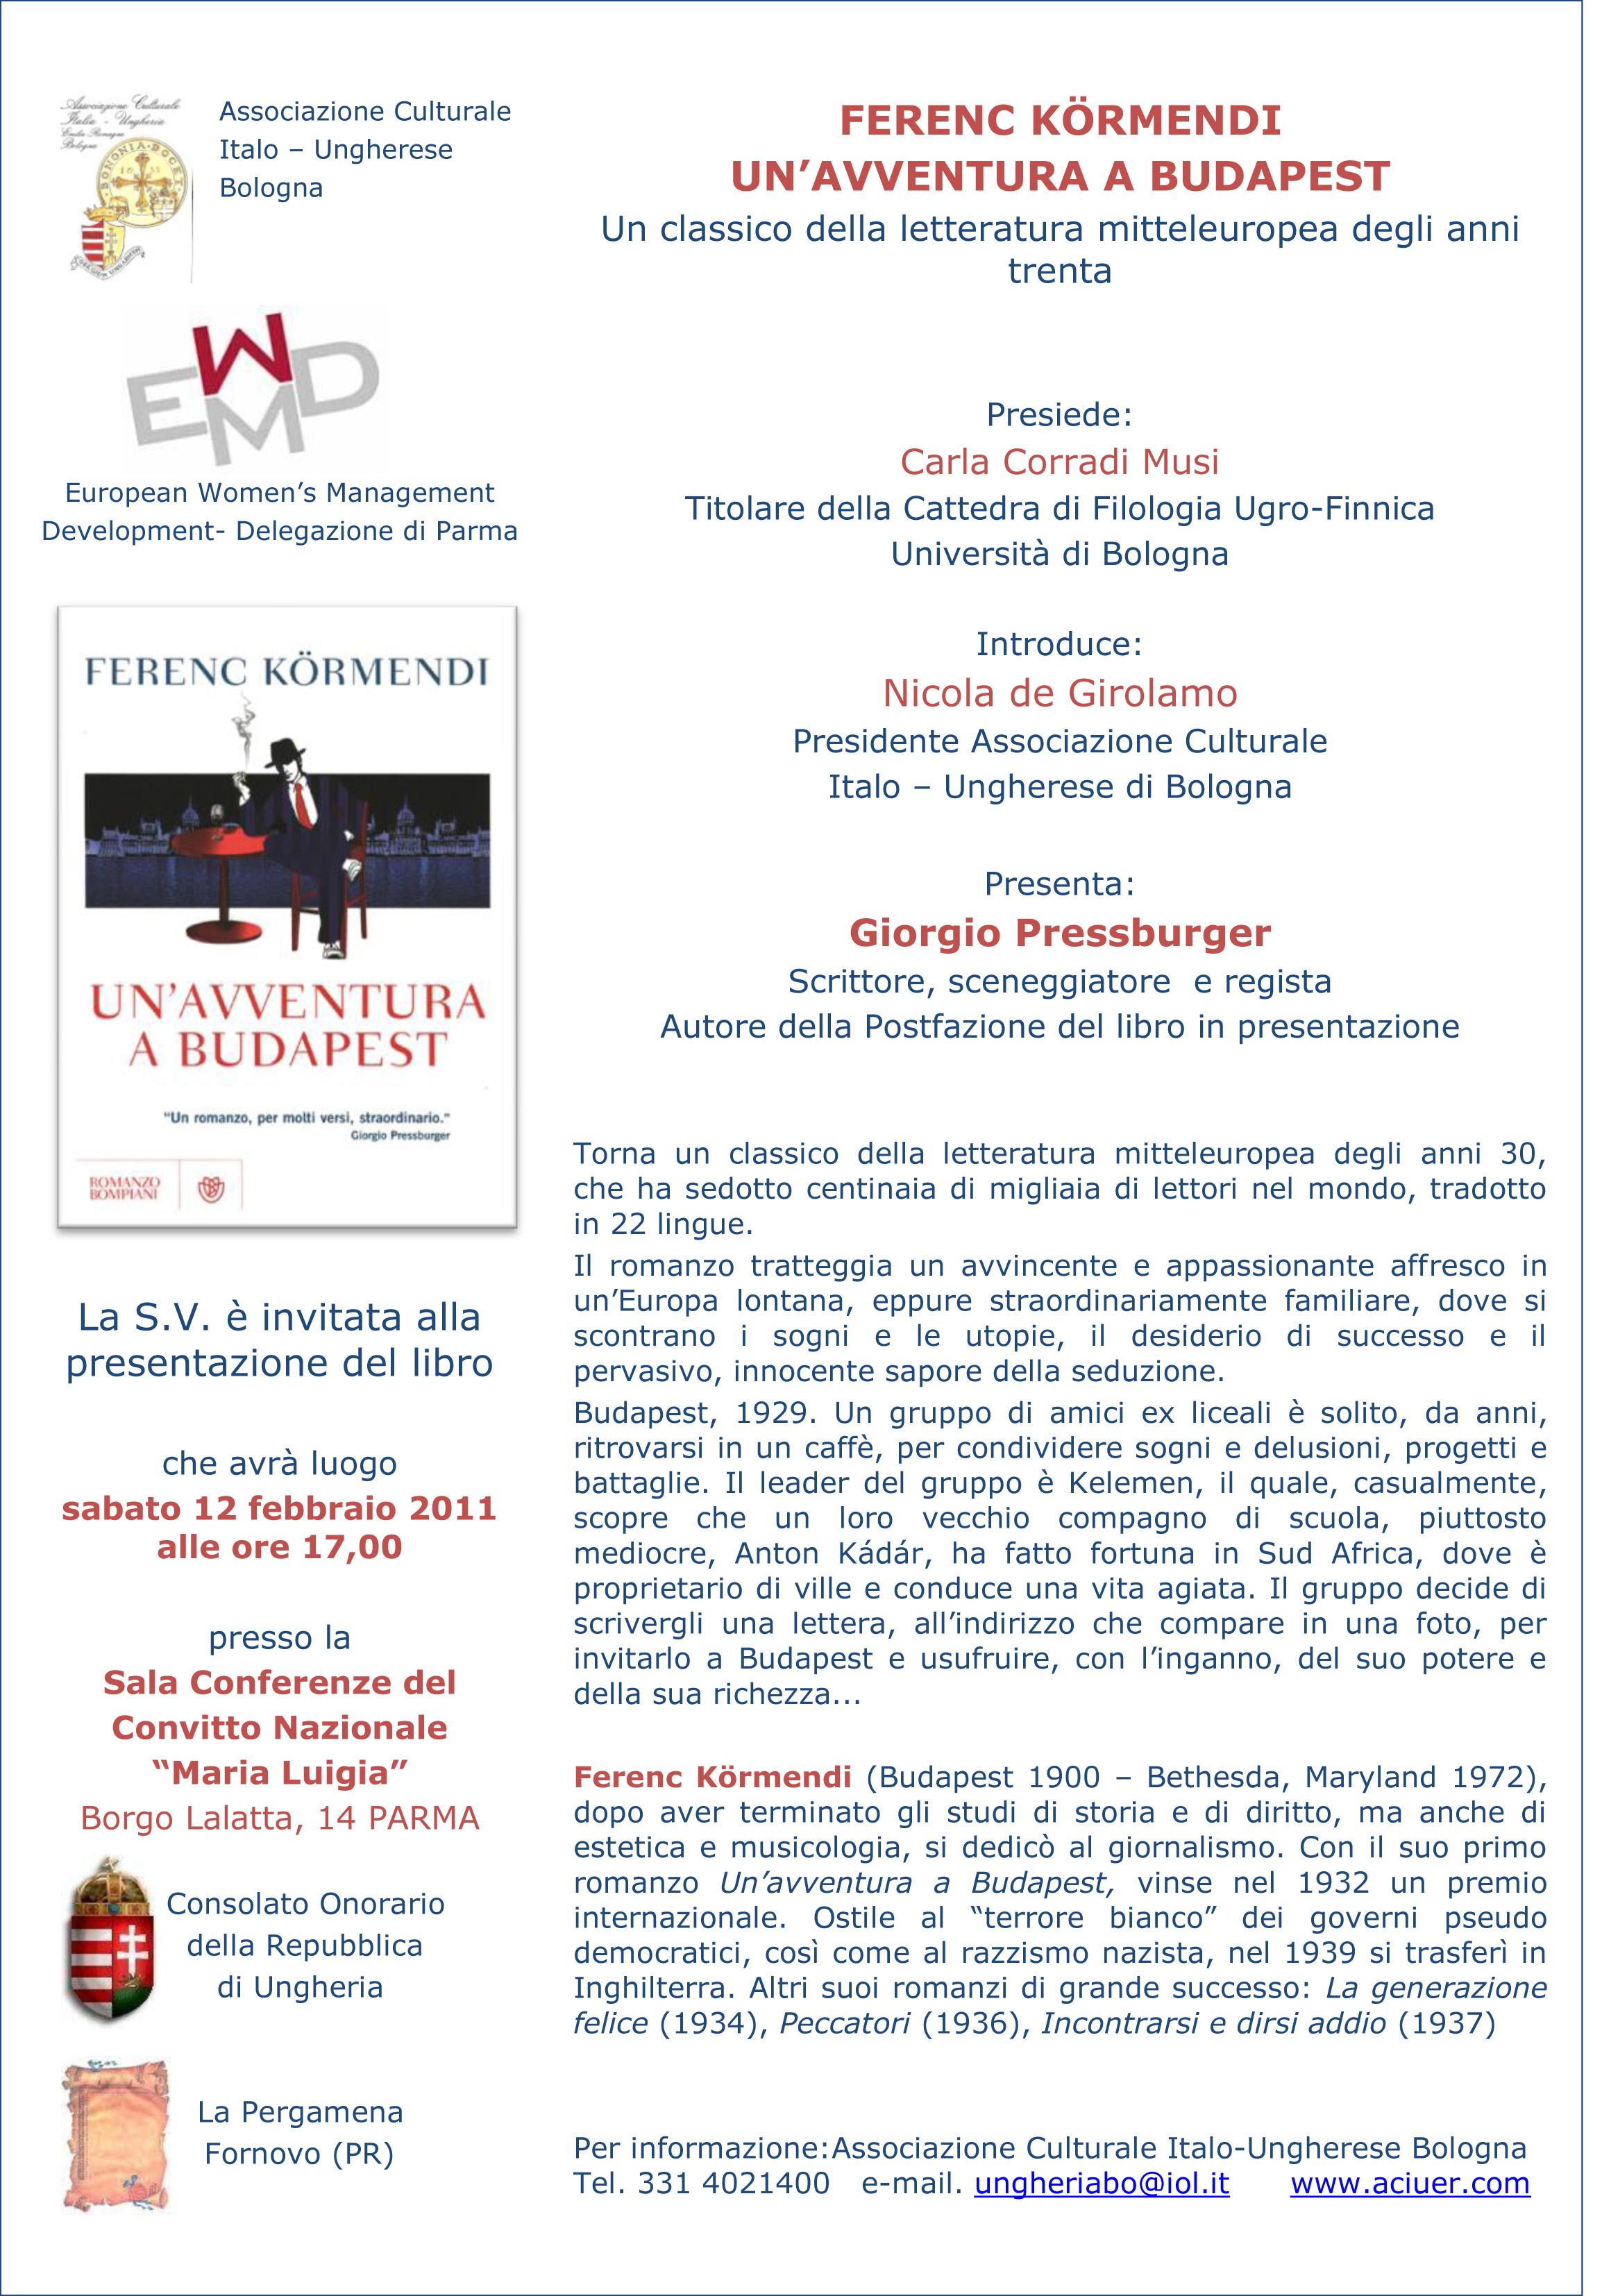 Invito presentazione Kormendi PARMA